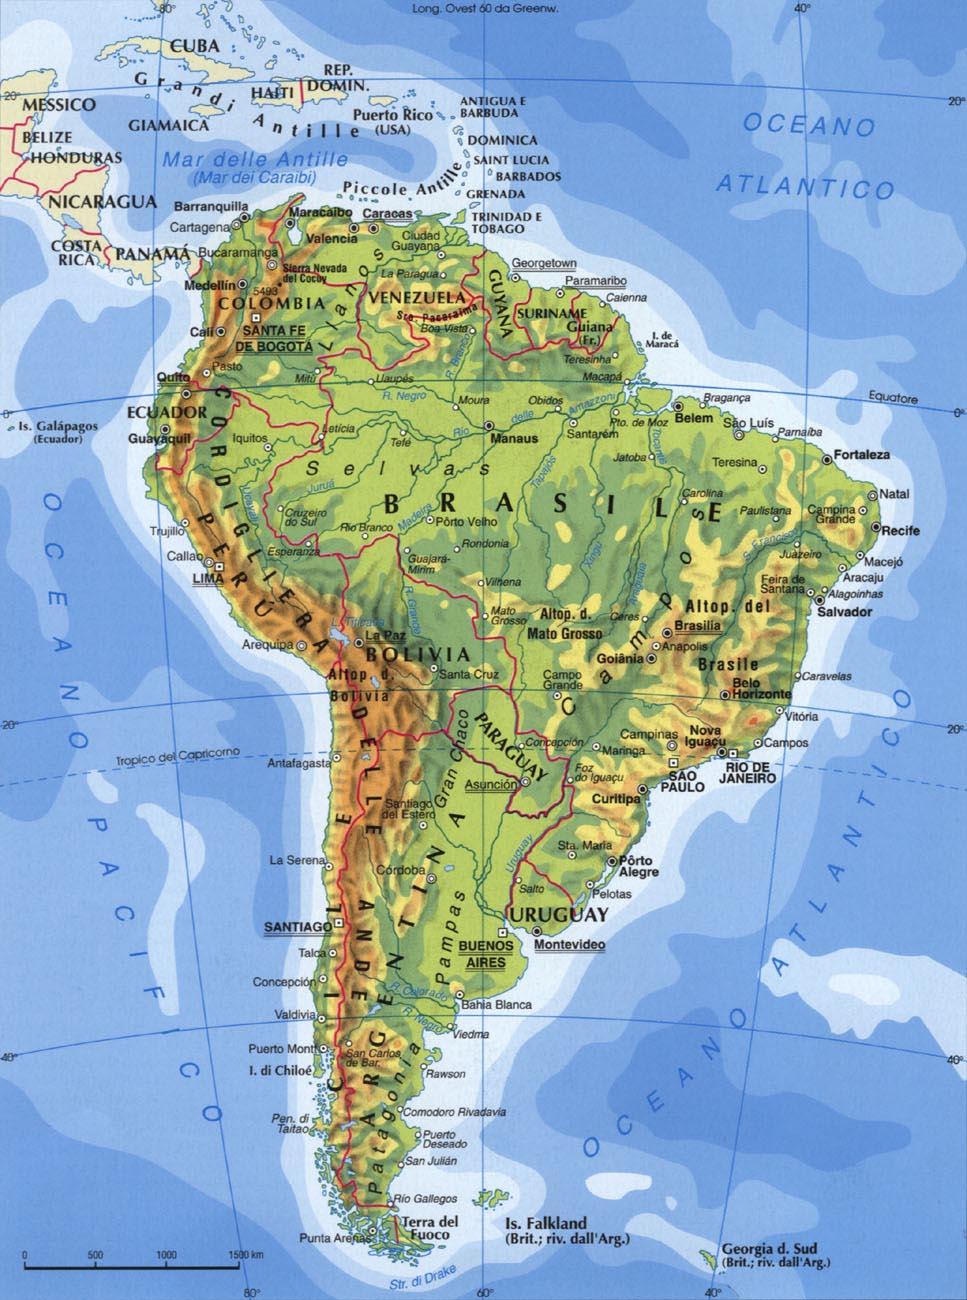 America Del Sud Cartina Politica.A Del Sud Territorio Storia Economia Americ